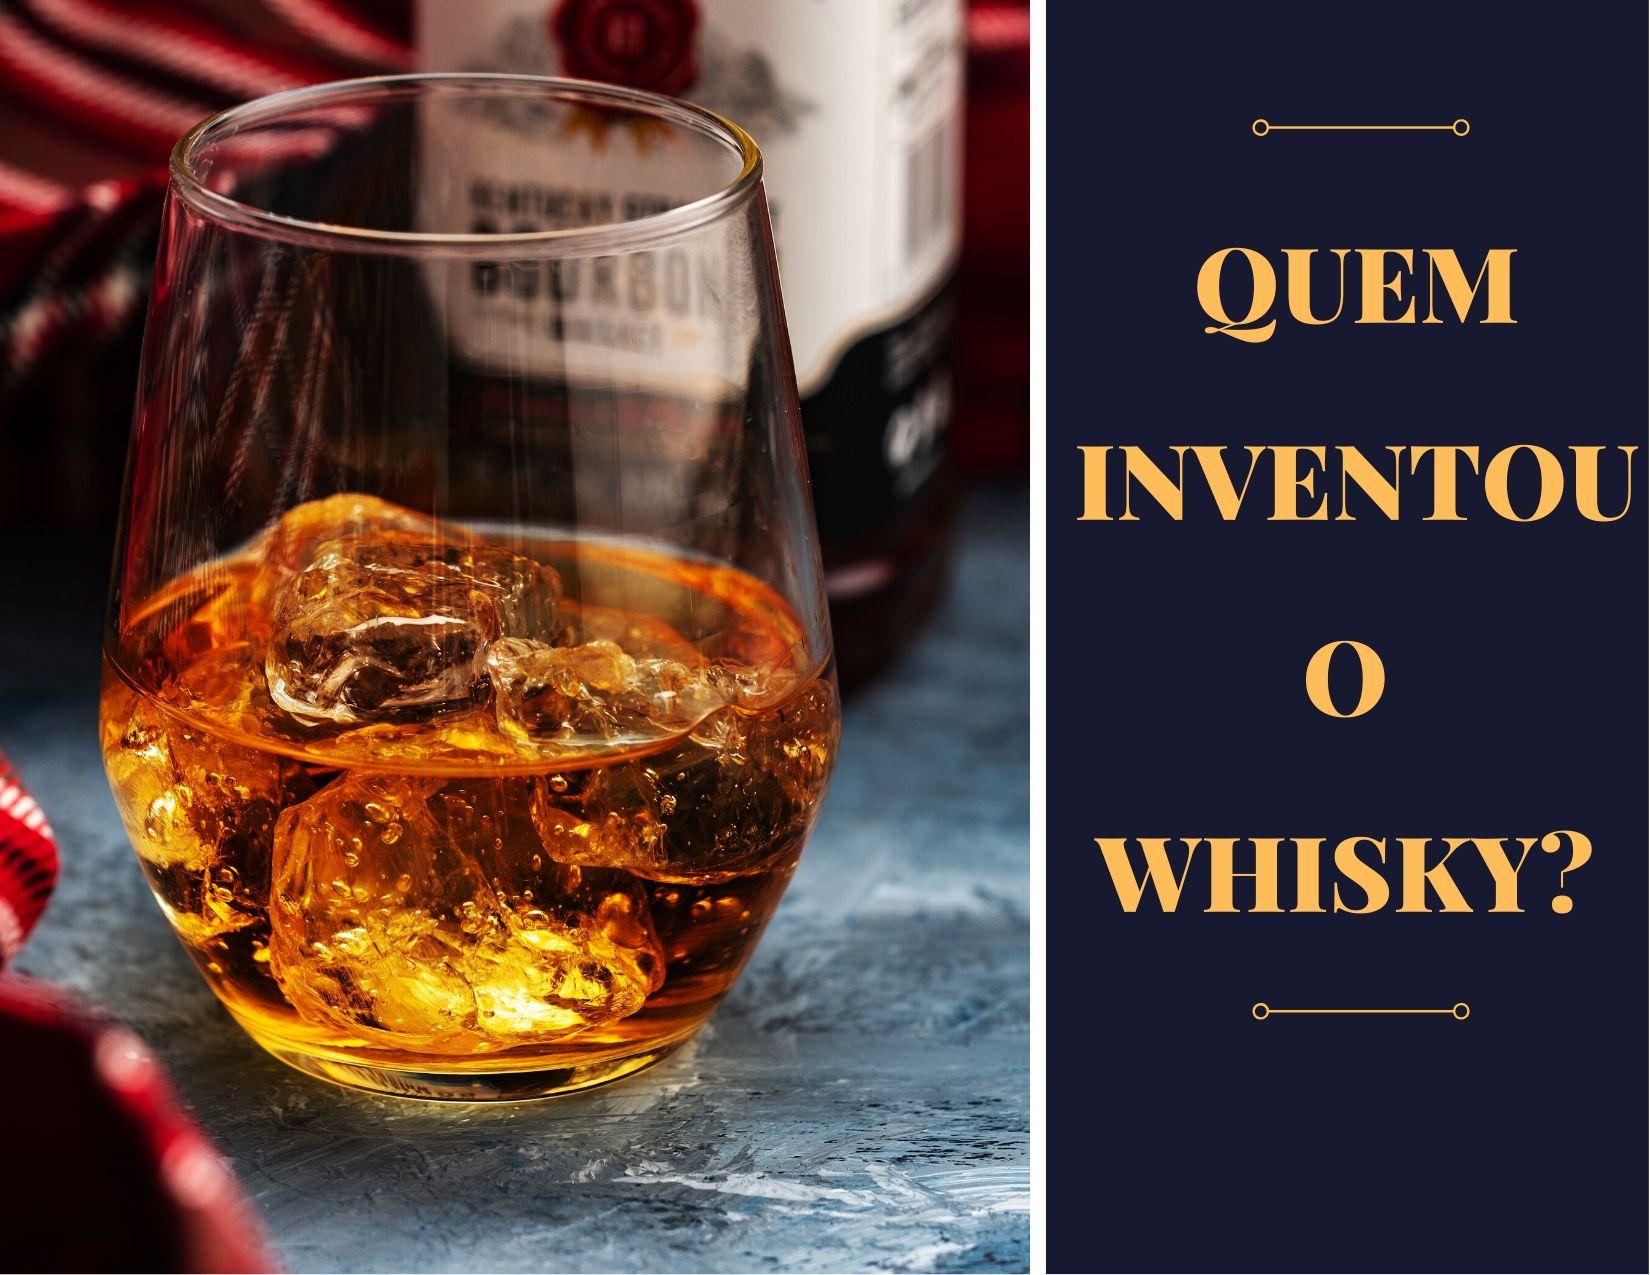 Responda se souber: quem inventou o Whisky?   Artigos Cursos CPT